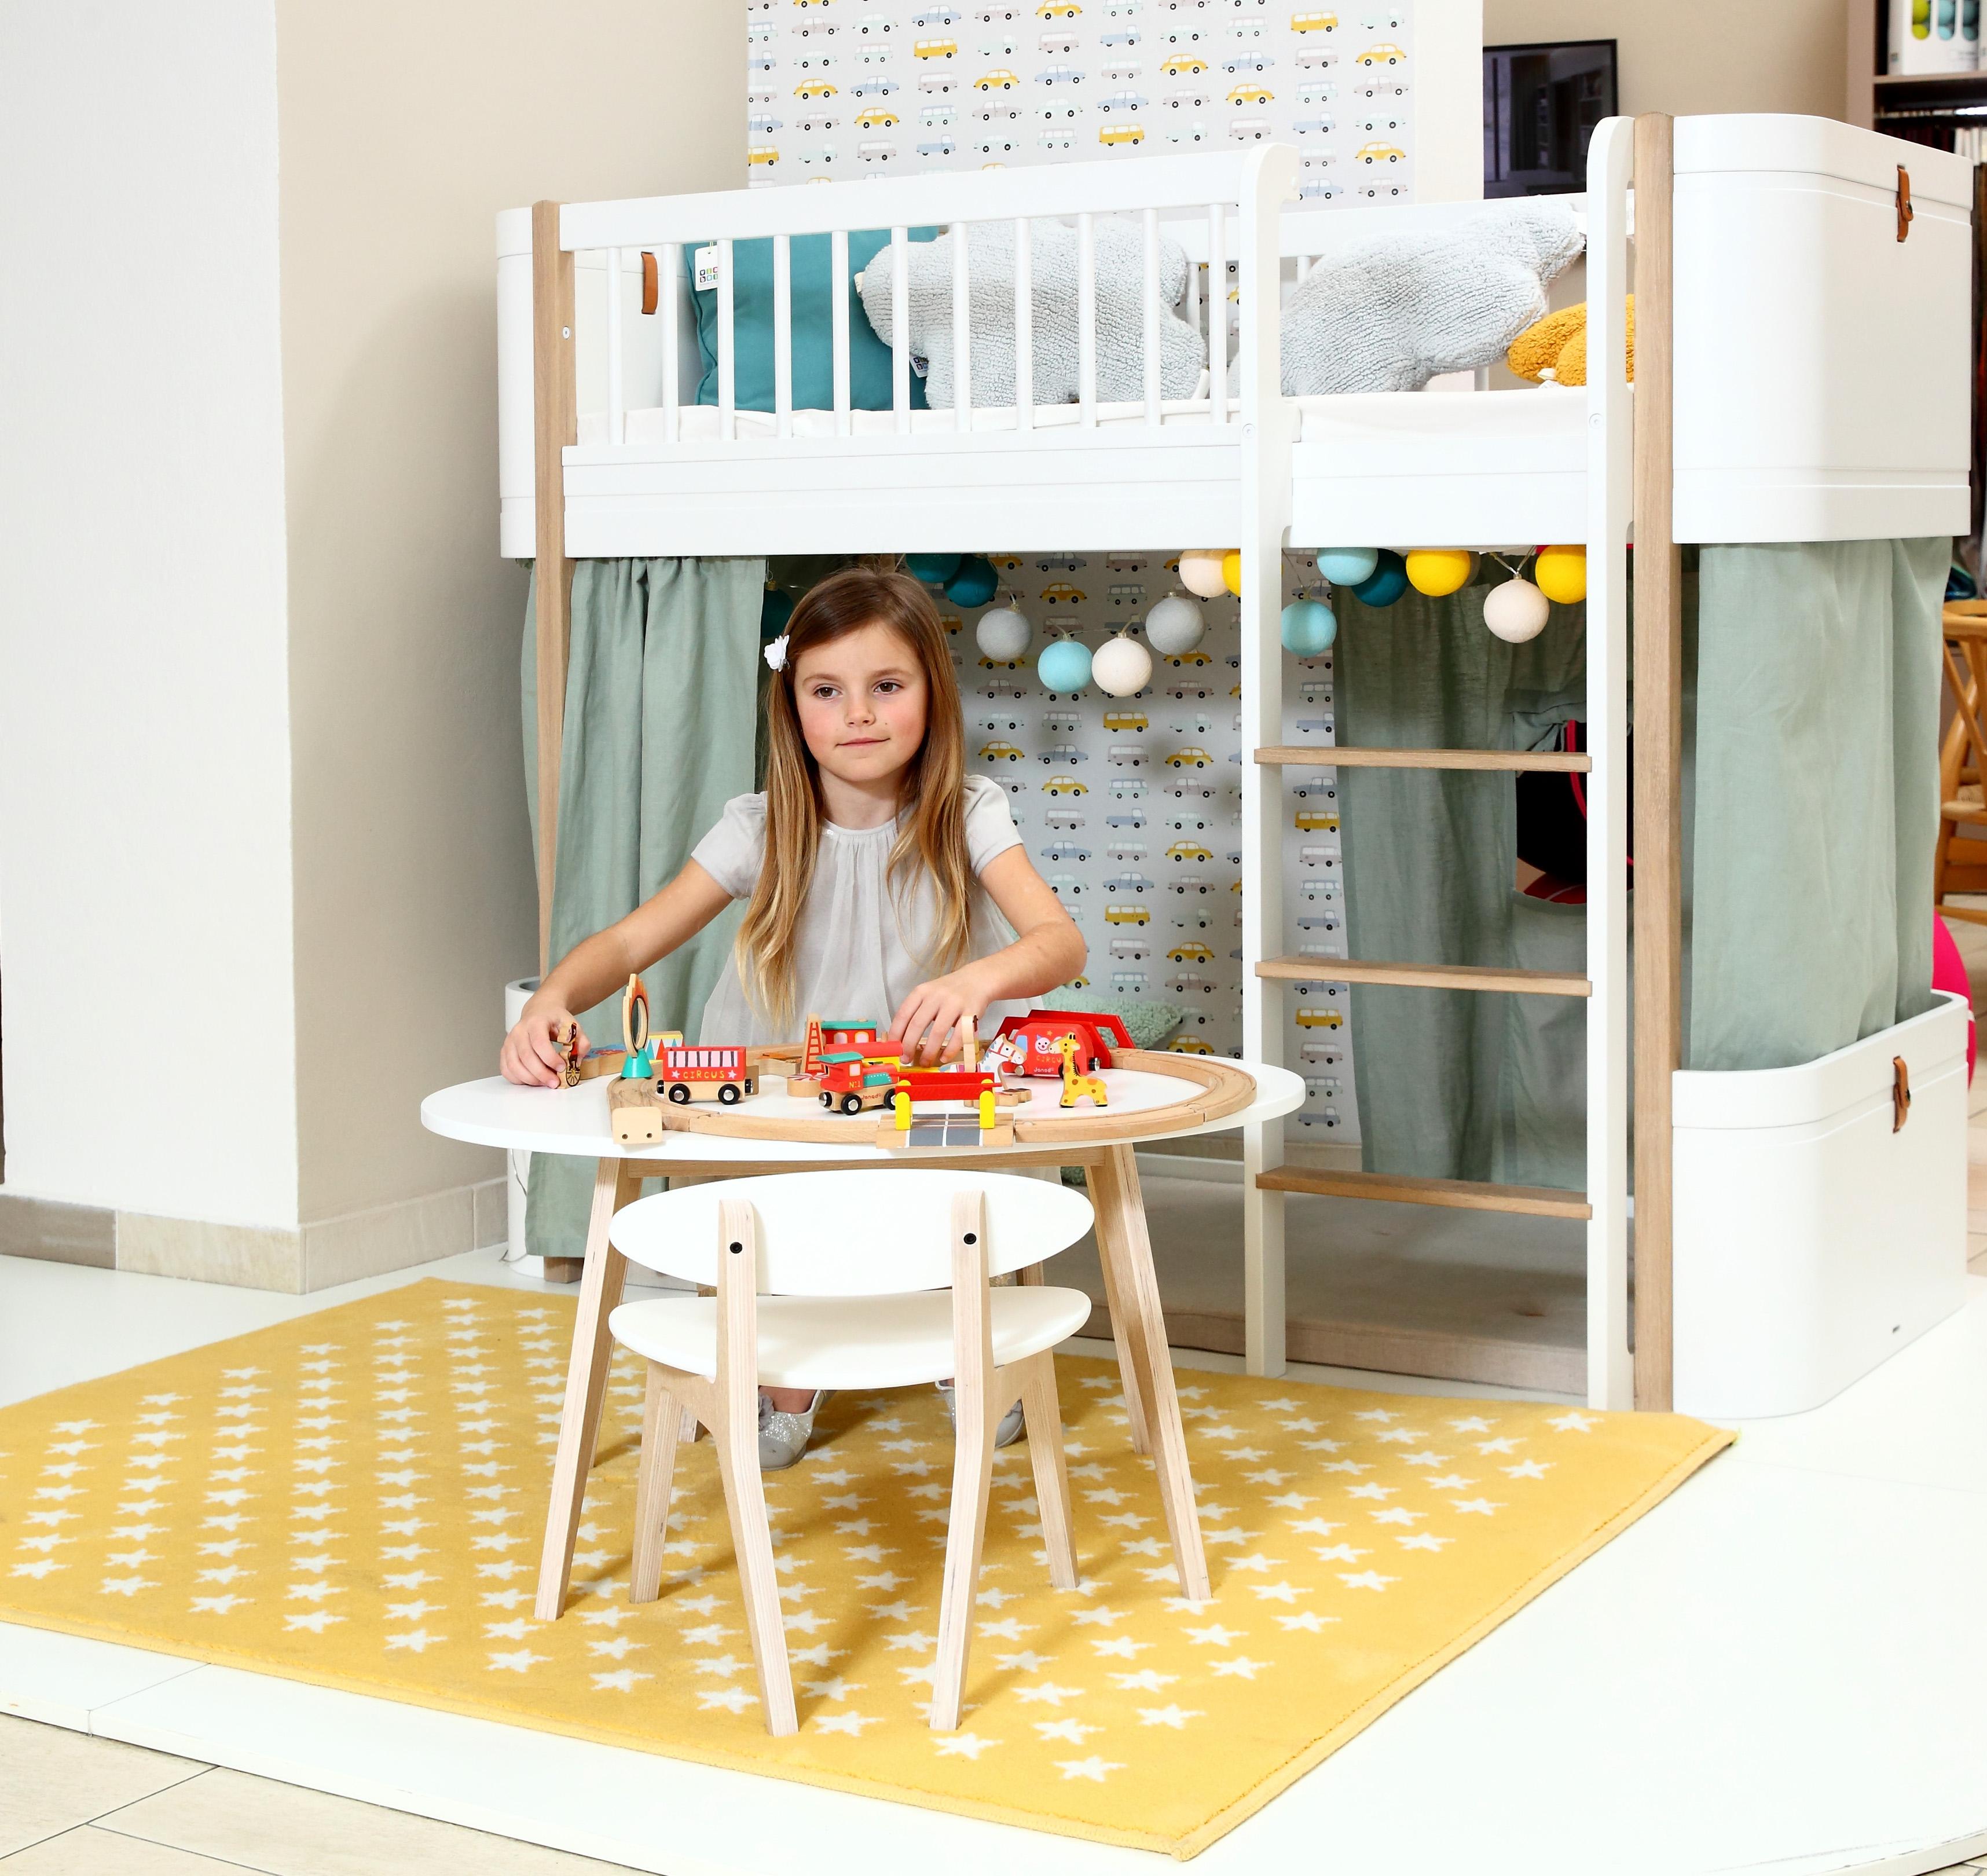 7_Vysoká postel Wood Mini+ s hracím koutkem z nábytku Oliver Furniture_foto Viabel - Ivan Kahún_repro zdarma